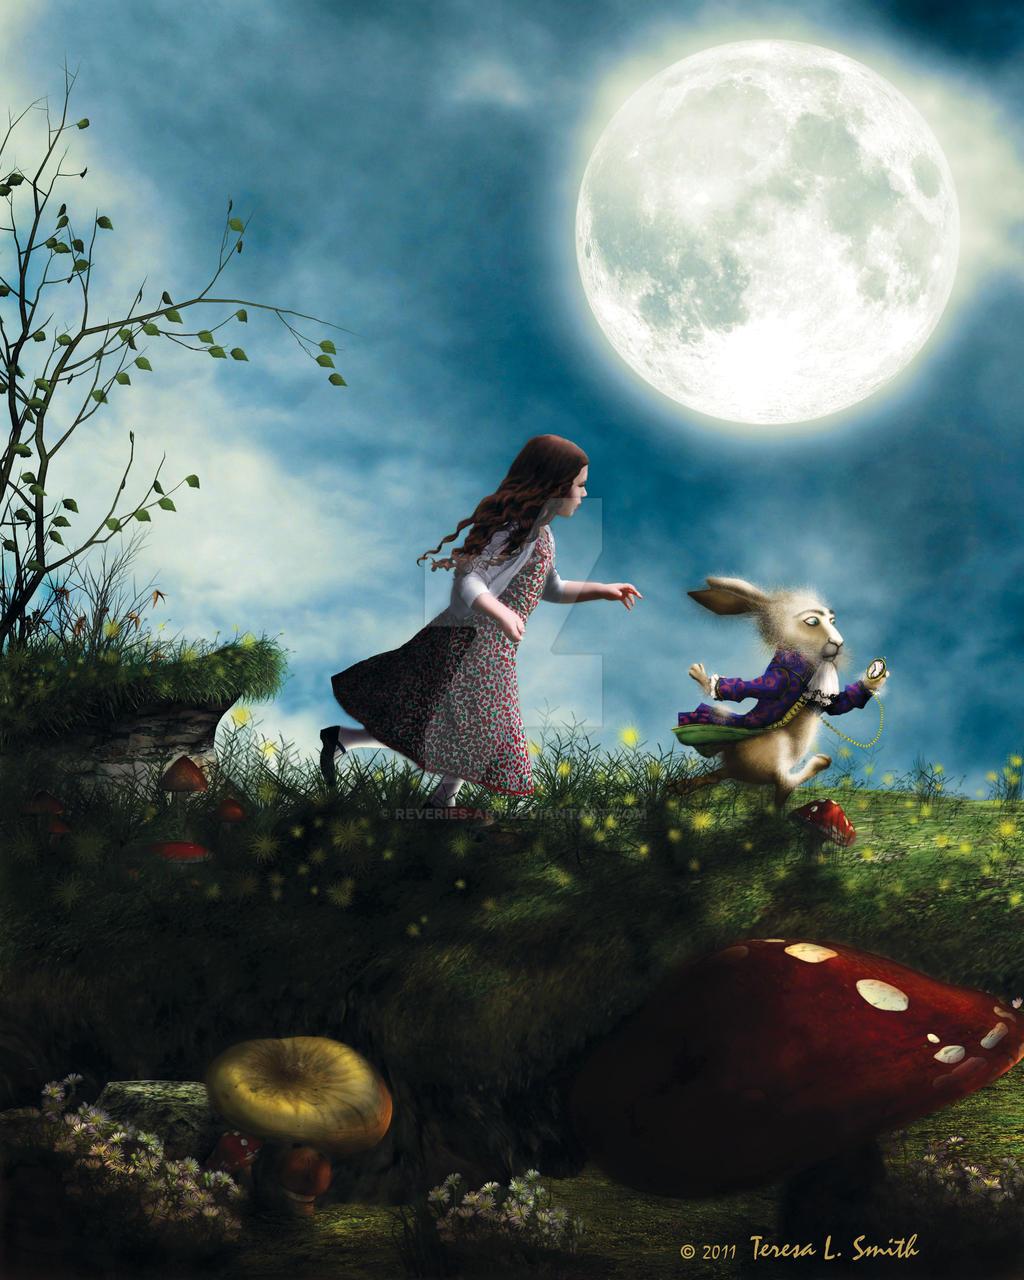 Lilly in Wonderland